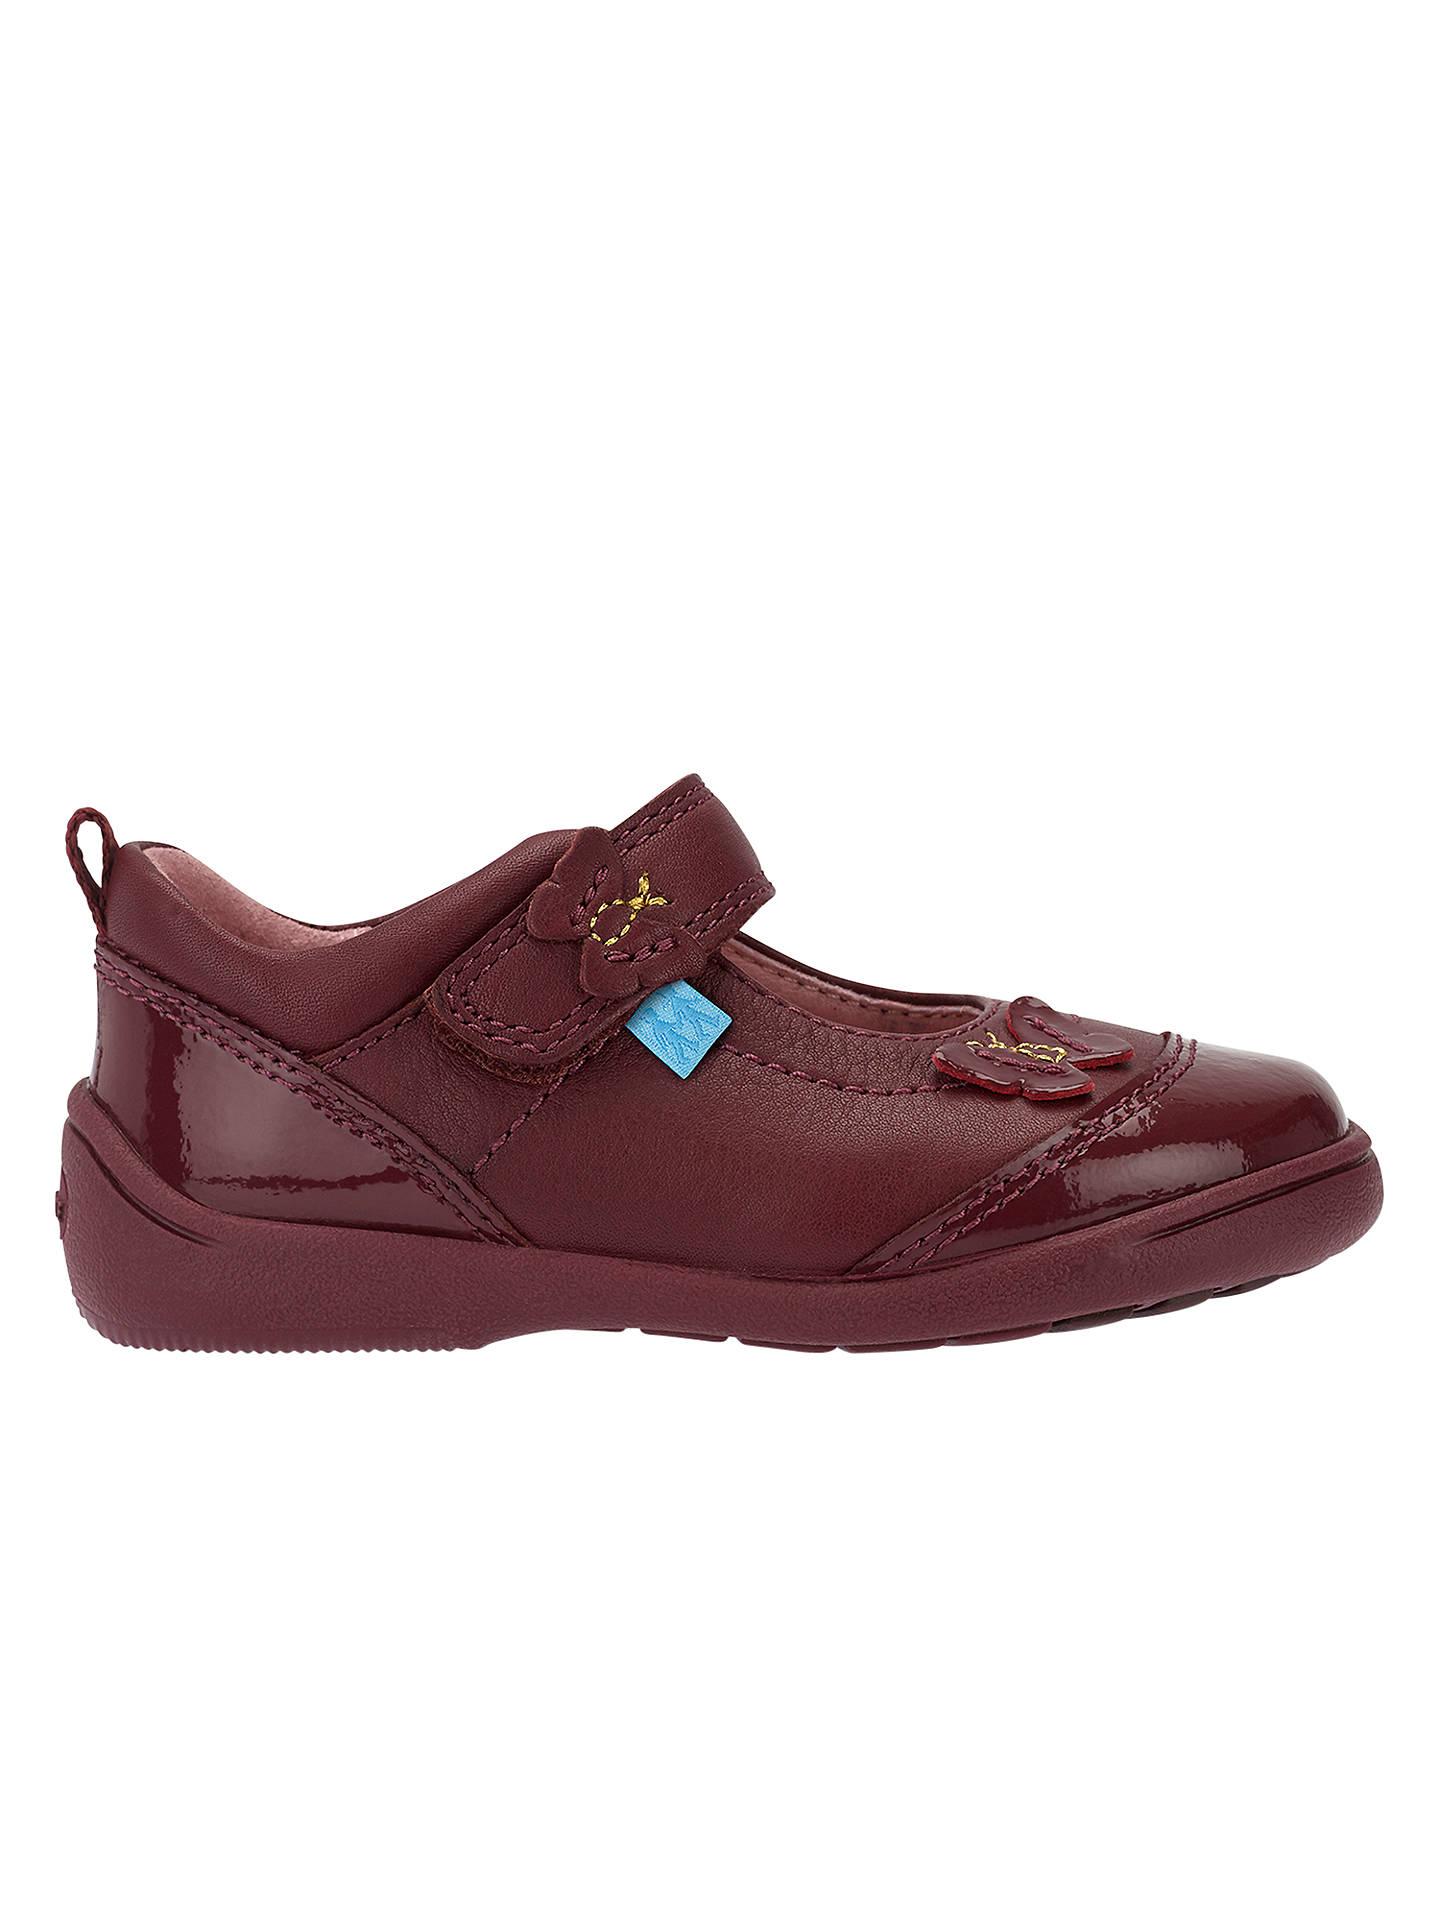 fc62d7003fd1b Buy Start-rite Children's Swing Butterfly Leather Pre-Walker Shoes, Wine,  4F ...